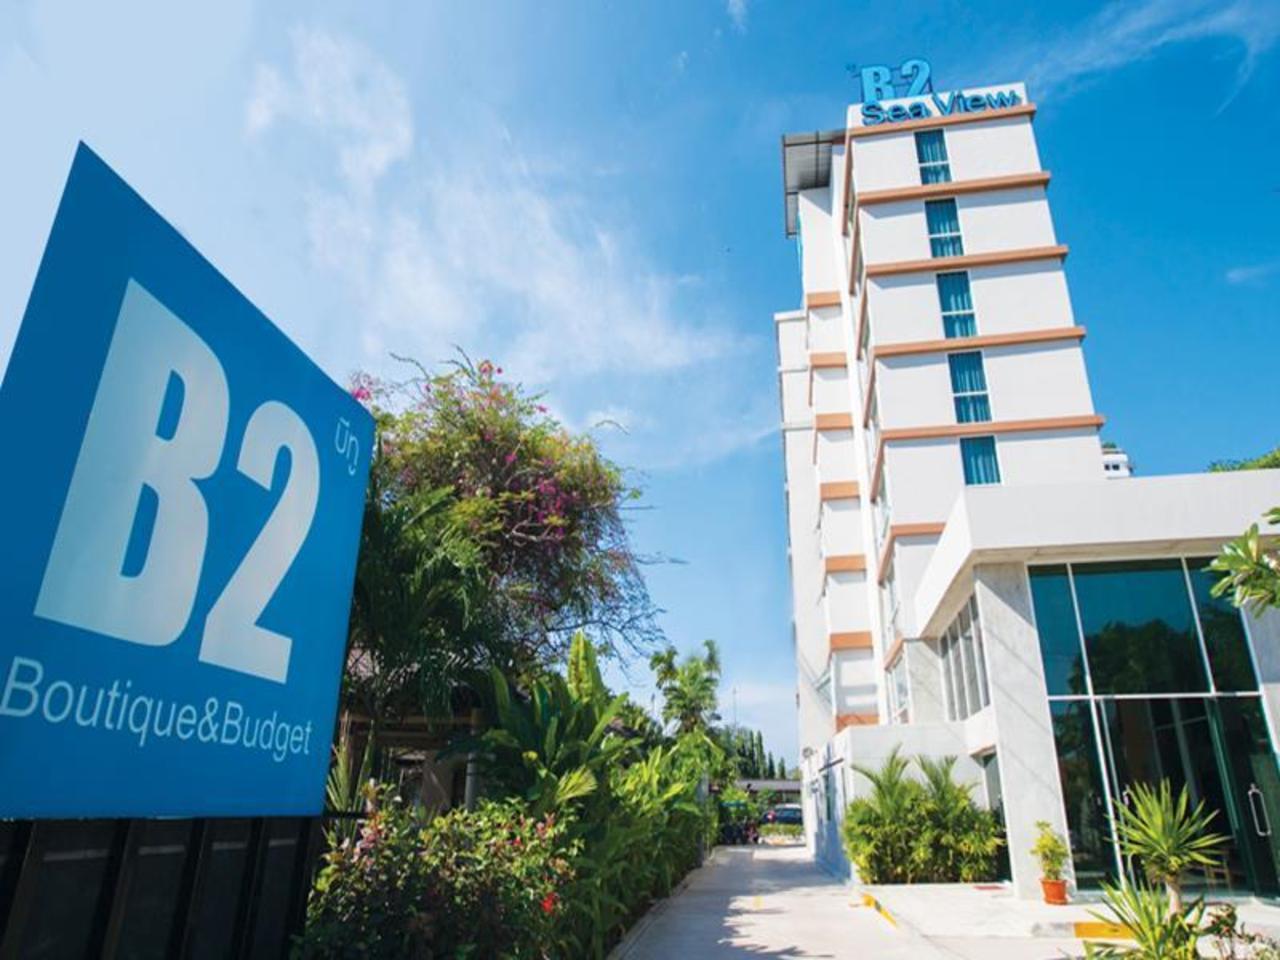 โรงแรมบี 2 ซีวิว พัทยา (B2 Sea View Pattaya Hotel)